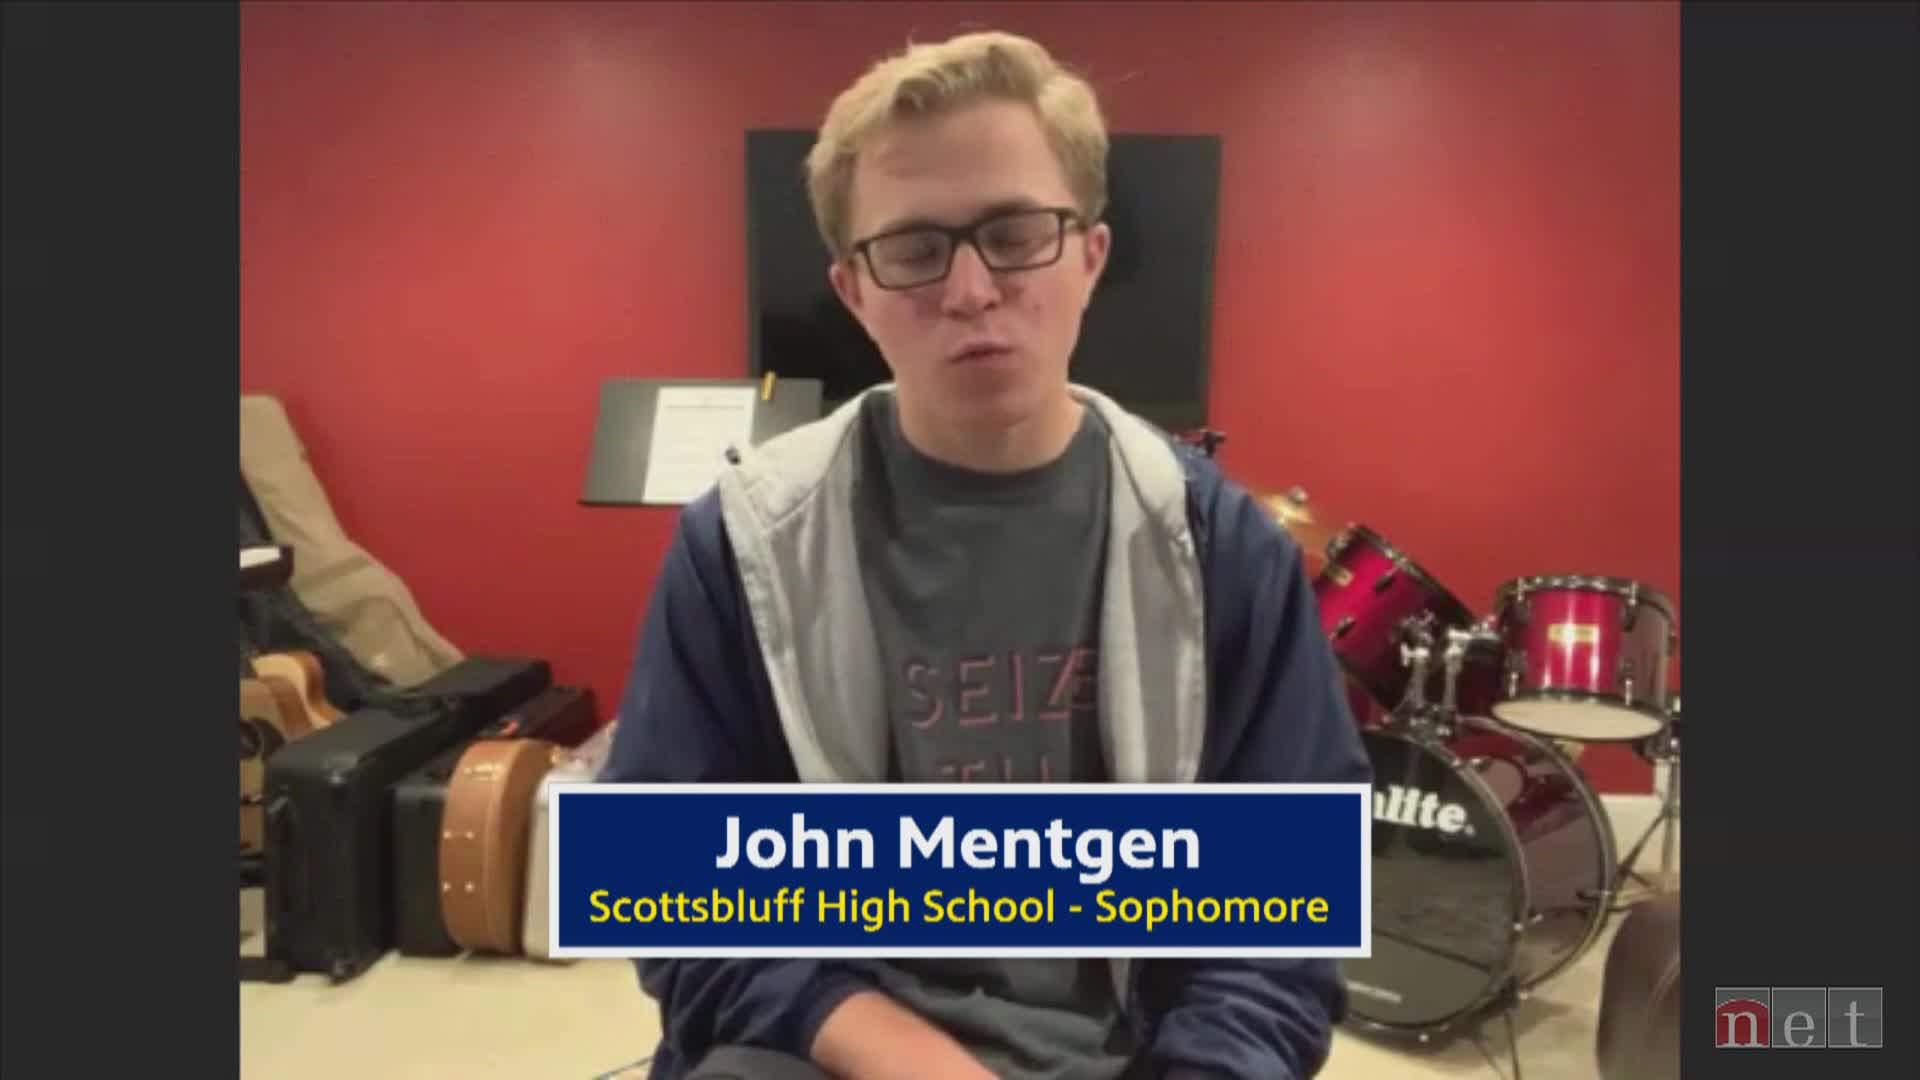 Class of 2020 John Mentgen